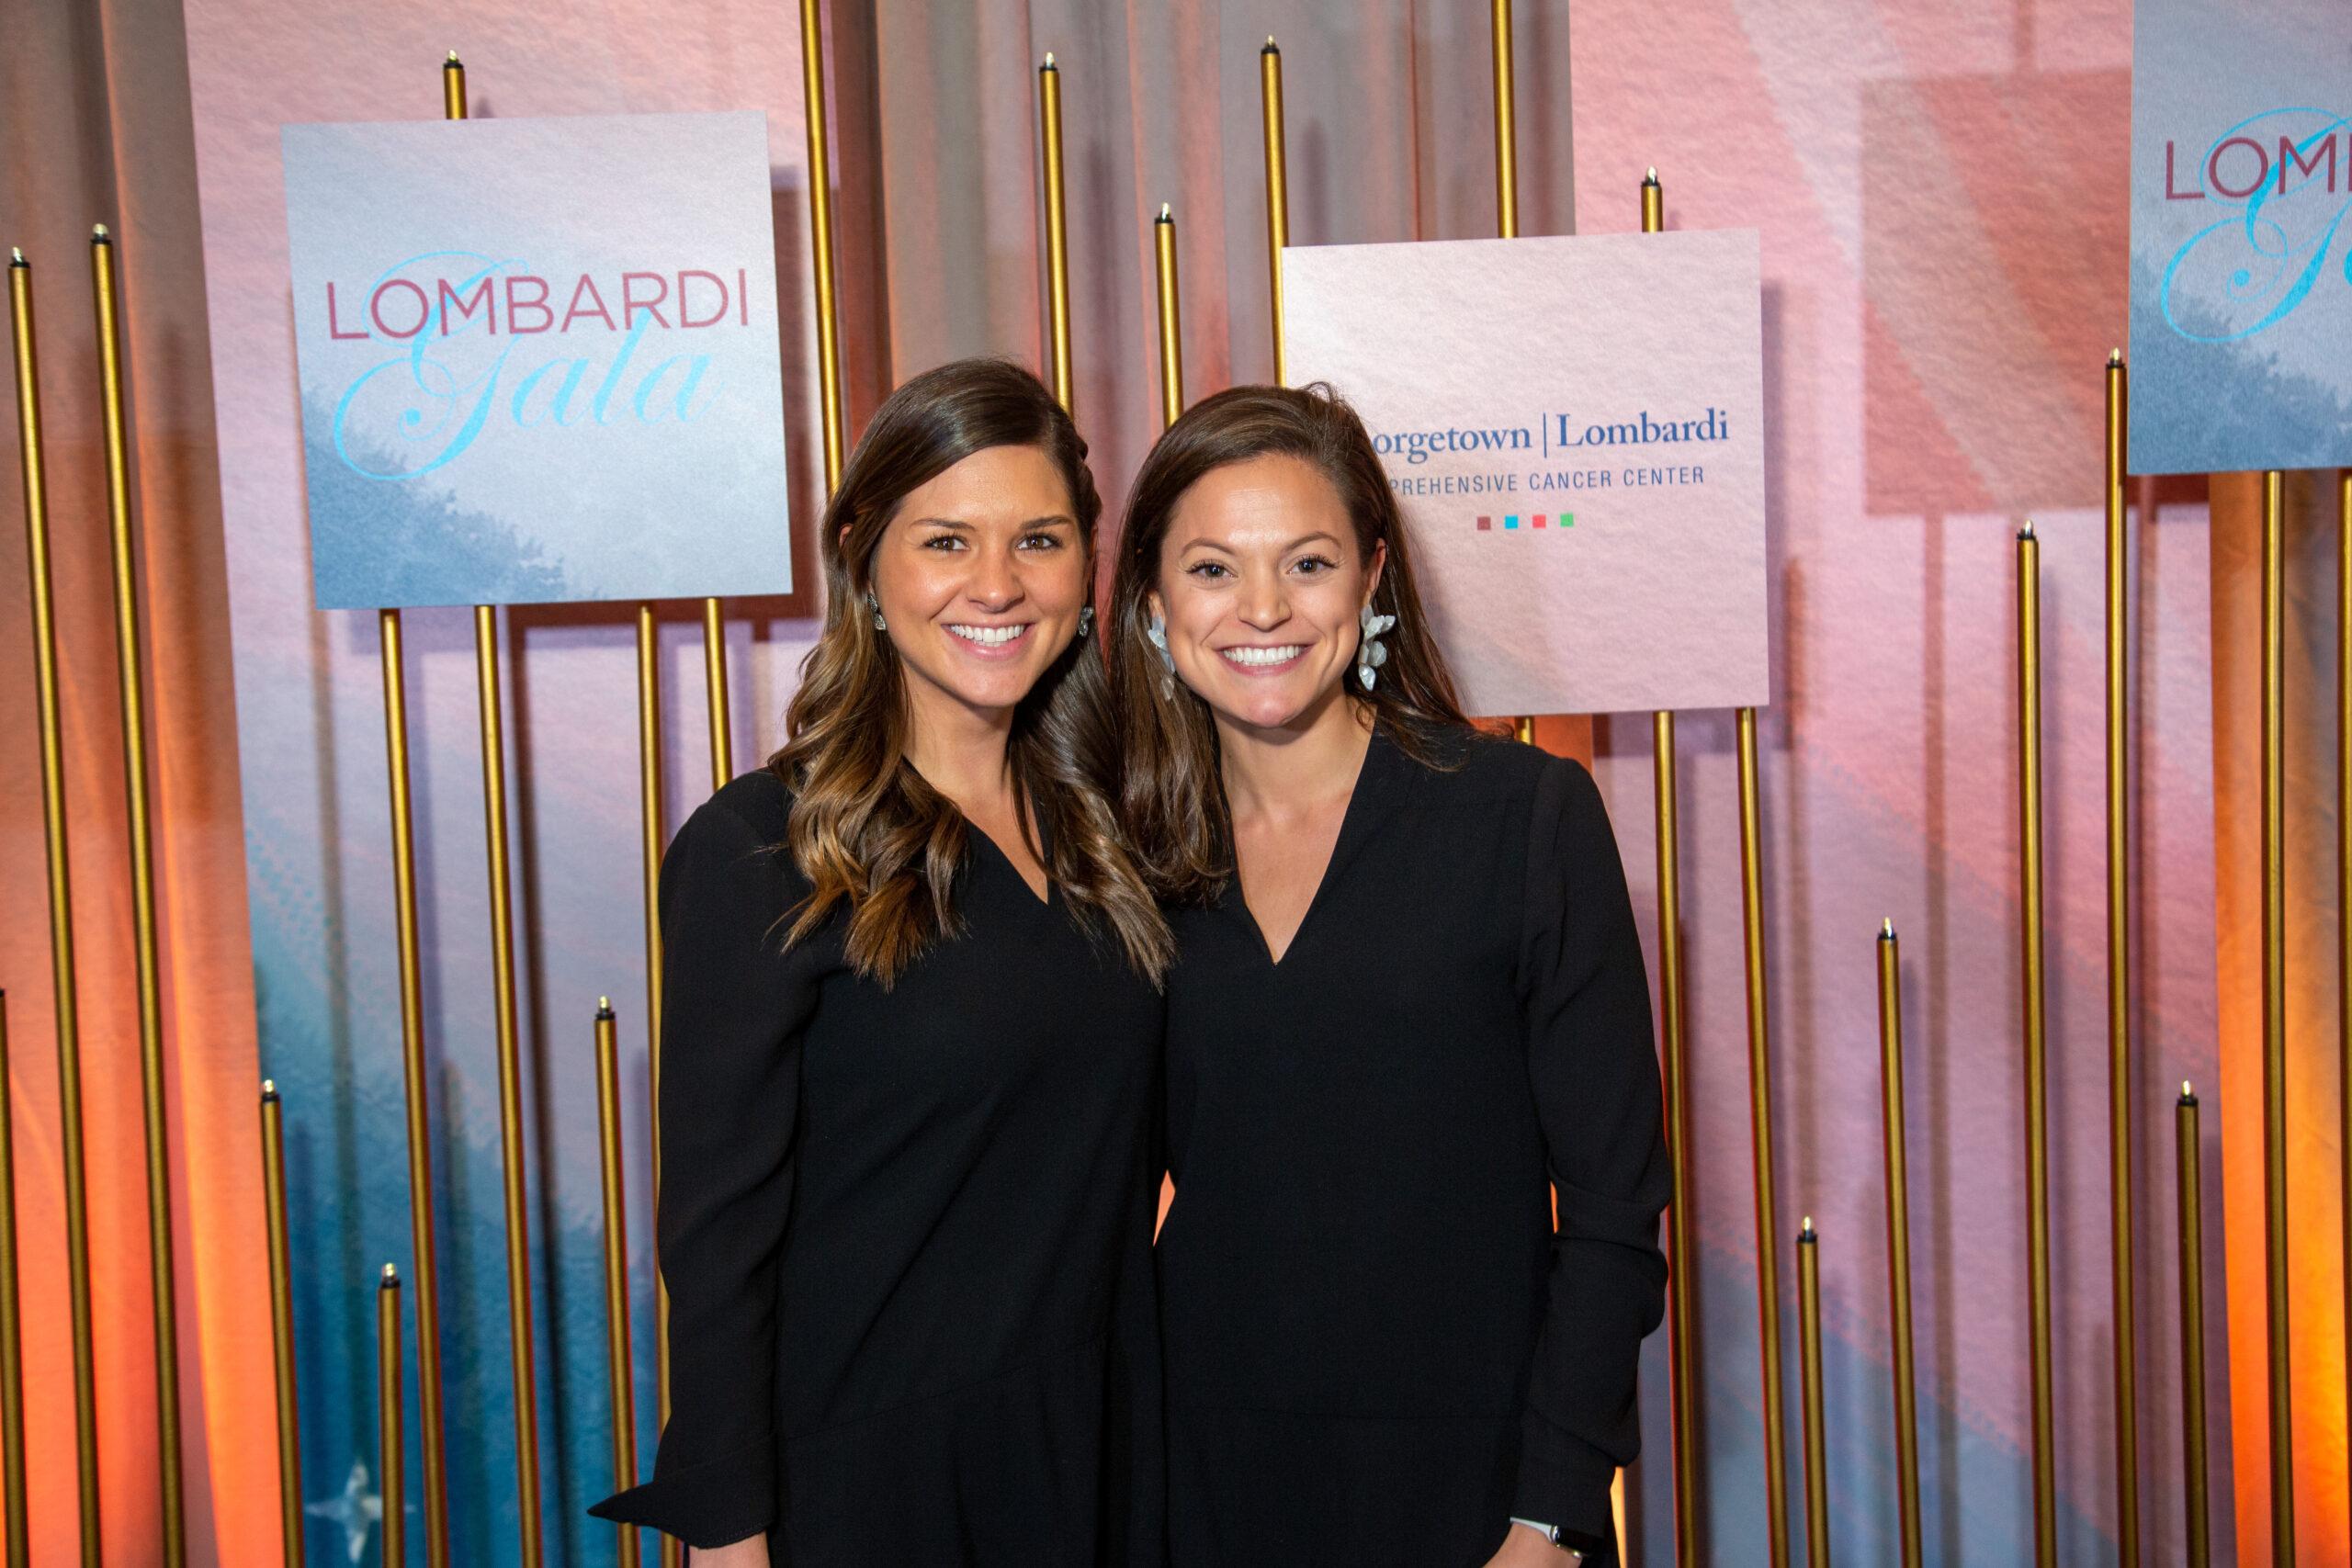 Lombardi Gala 2019_2